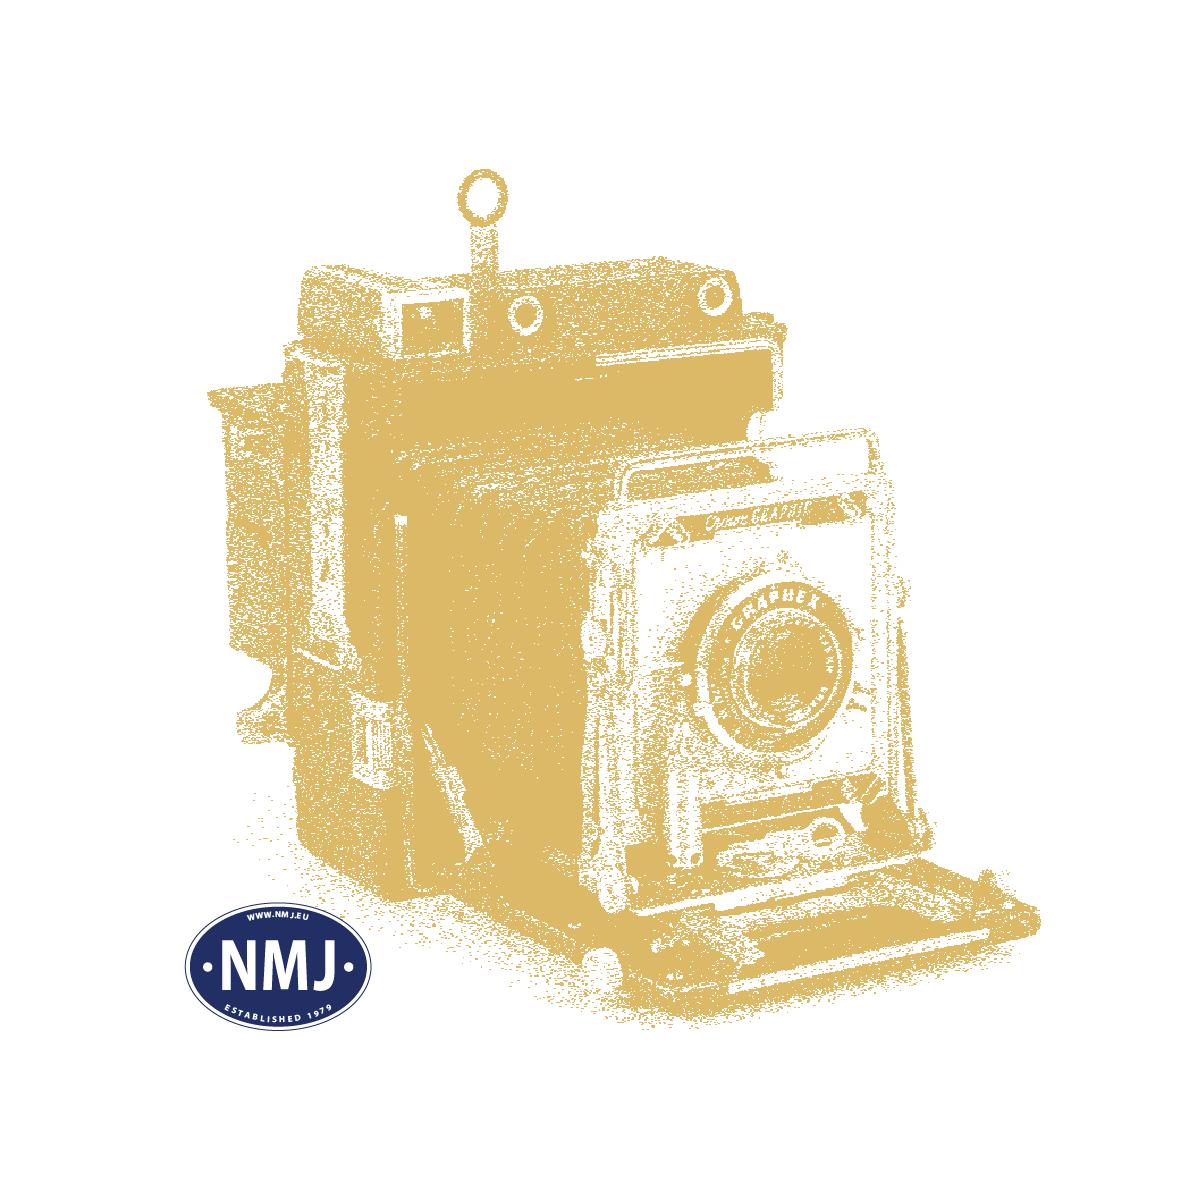 NMJ0TL4-3 - NMJ Superline Modell des Rungenwagens Om 2176 361 0572-9 der NSB, m/Seiten- und Stirnwänden Spur 0